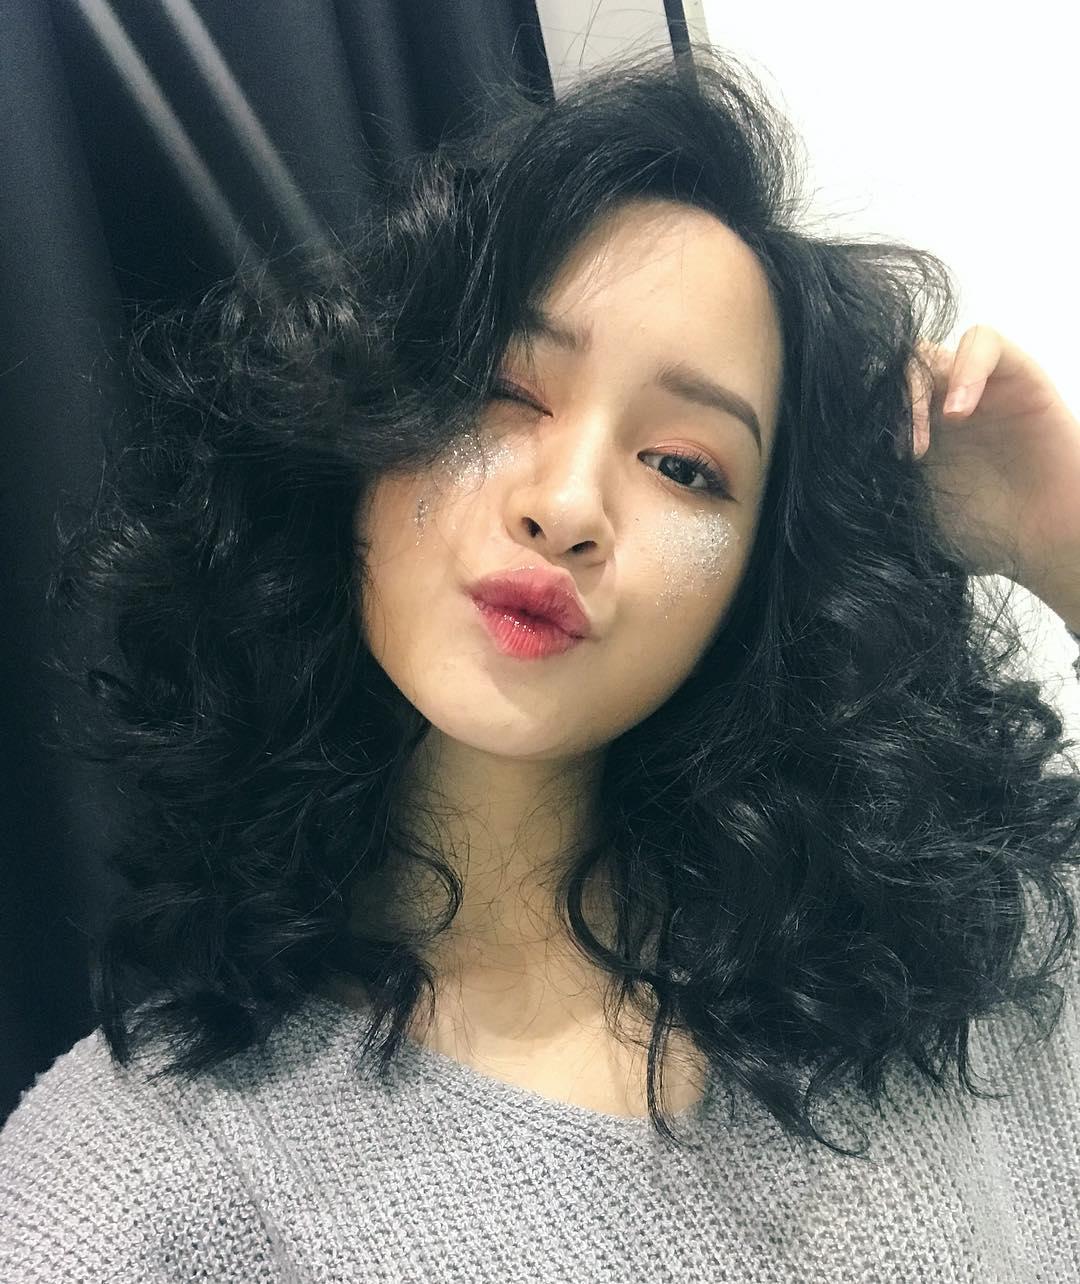 Lục Instagram của loạt hot girl Việt tìm ra 5 màu son hot phá đảo thời gian này - Ảnh 14.